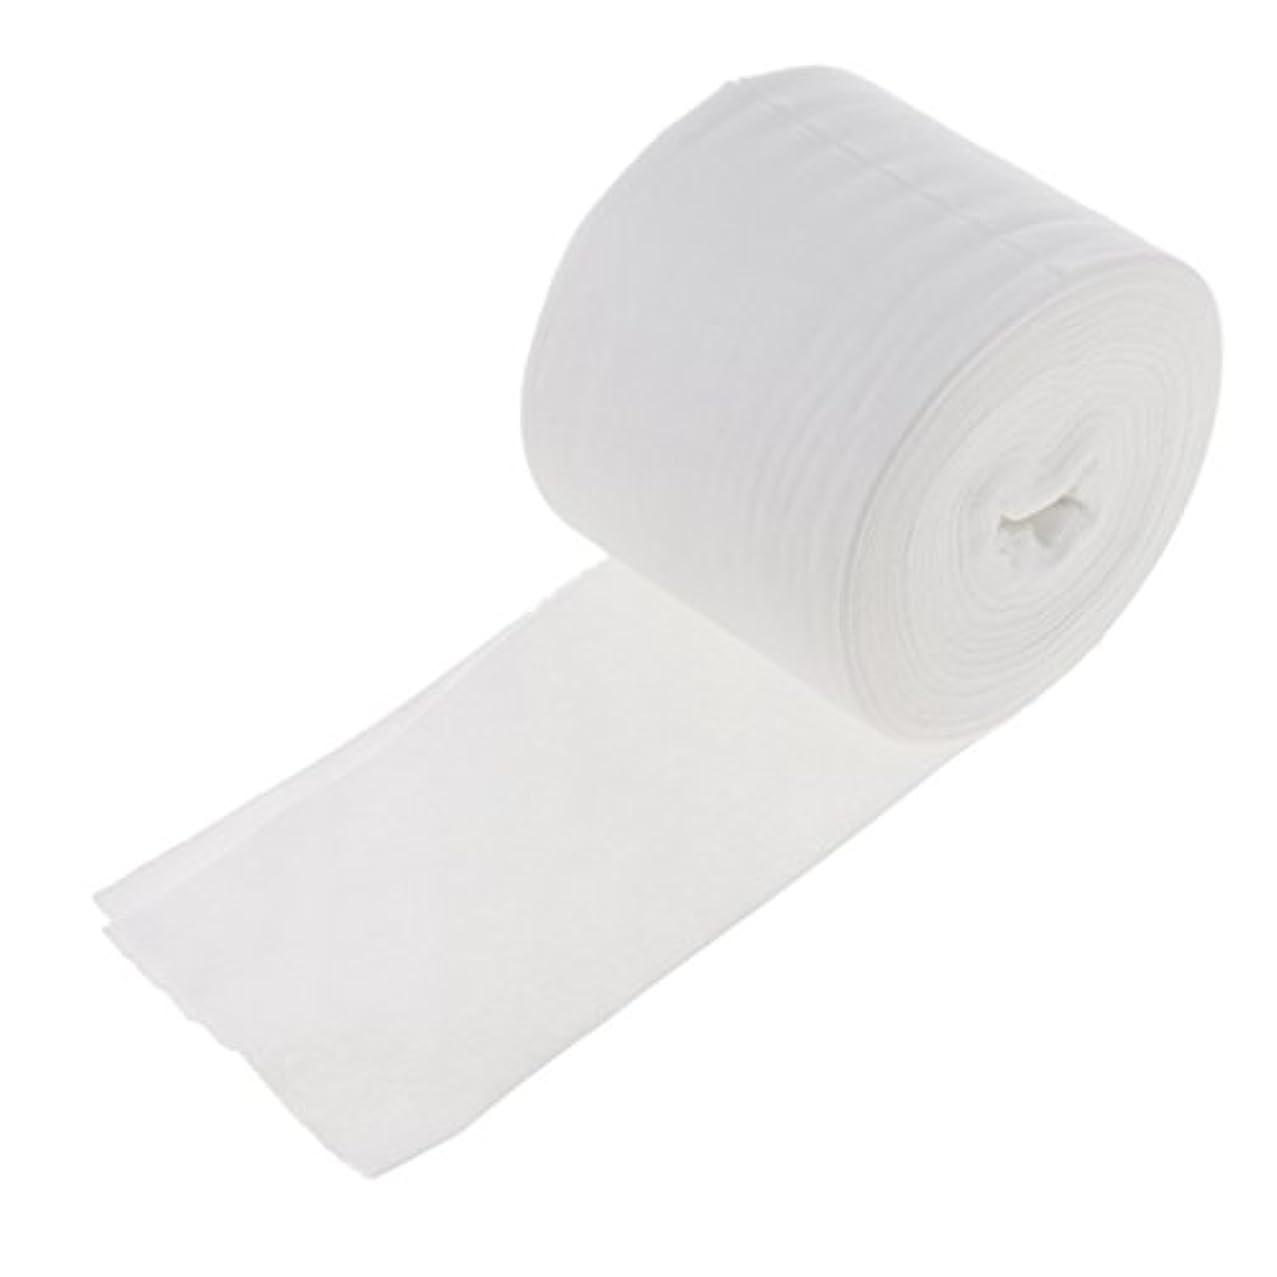 行政基礎理論概念Fenteer 洗顔 クリーニング タオル 使い捨て フェイシャルタオル 柔らかい 綿製